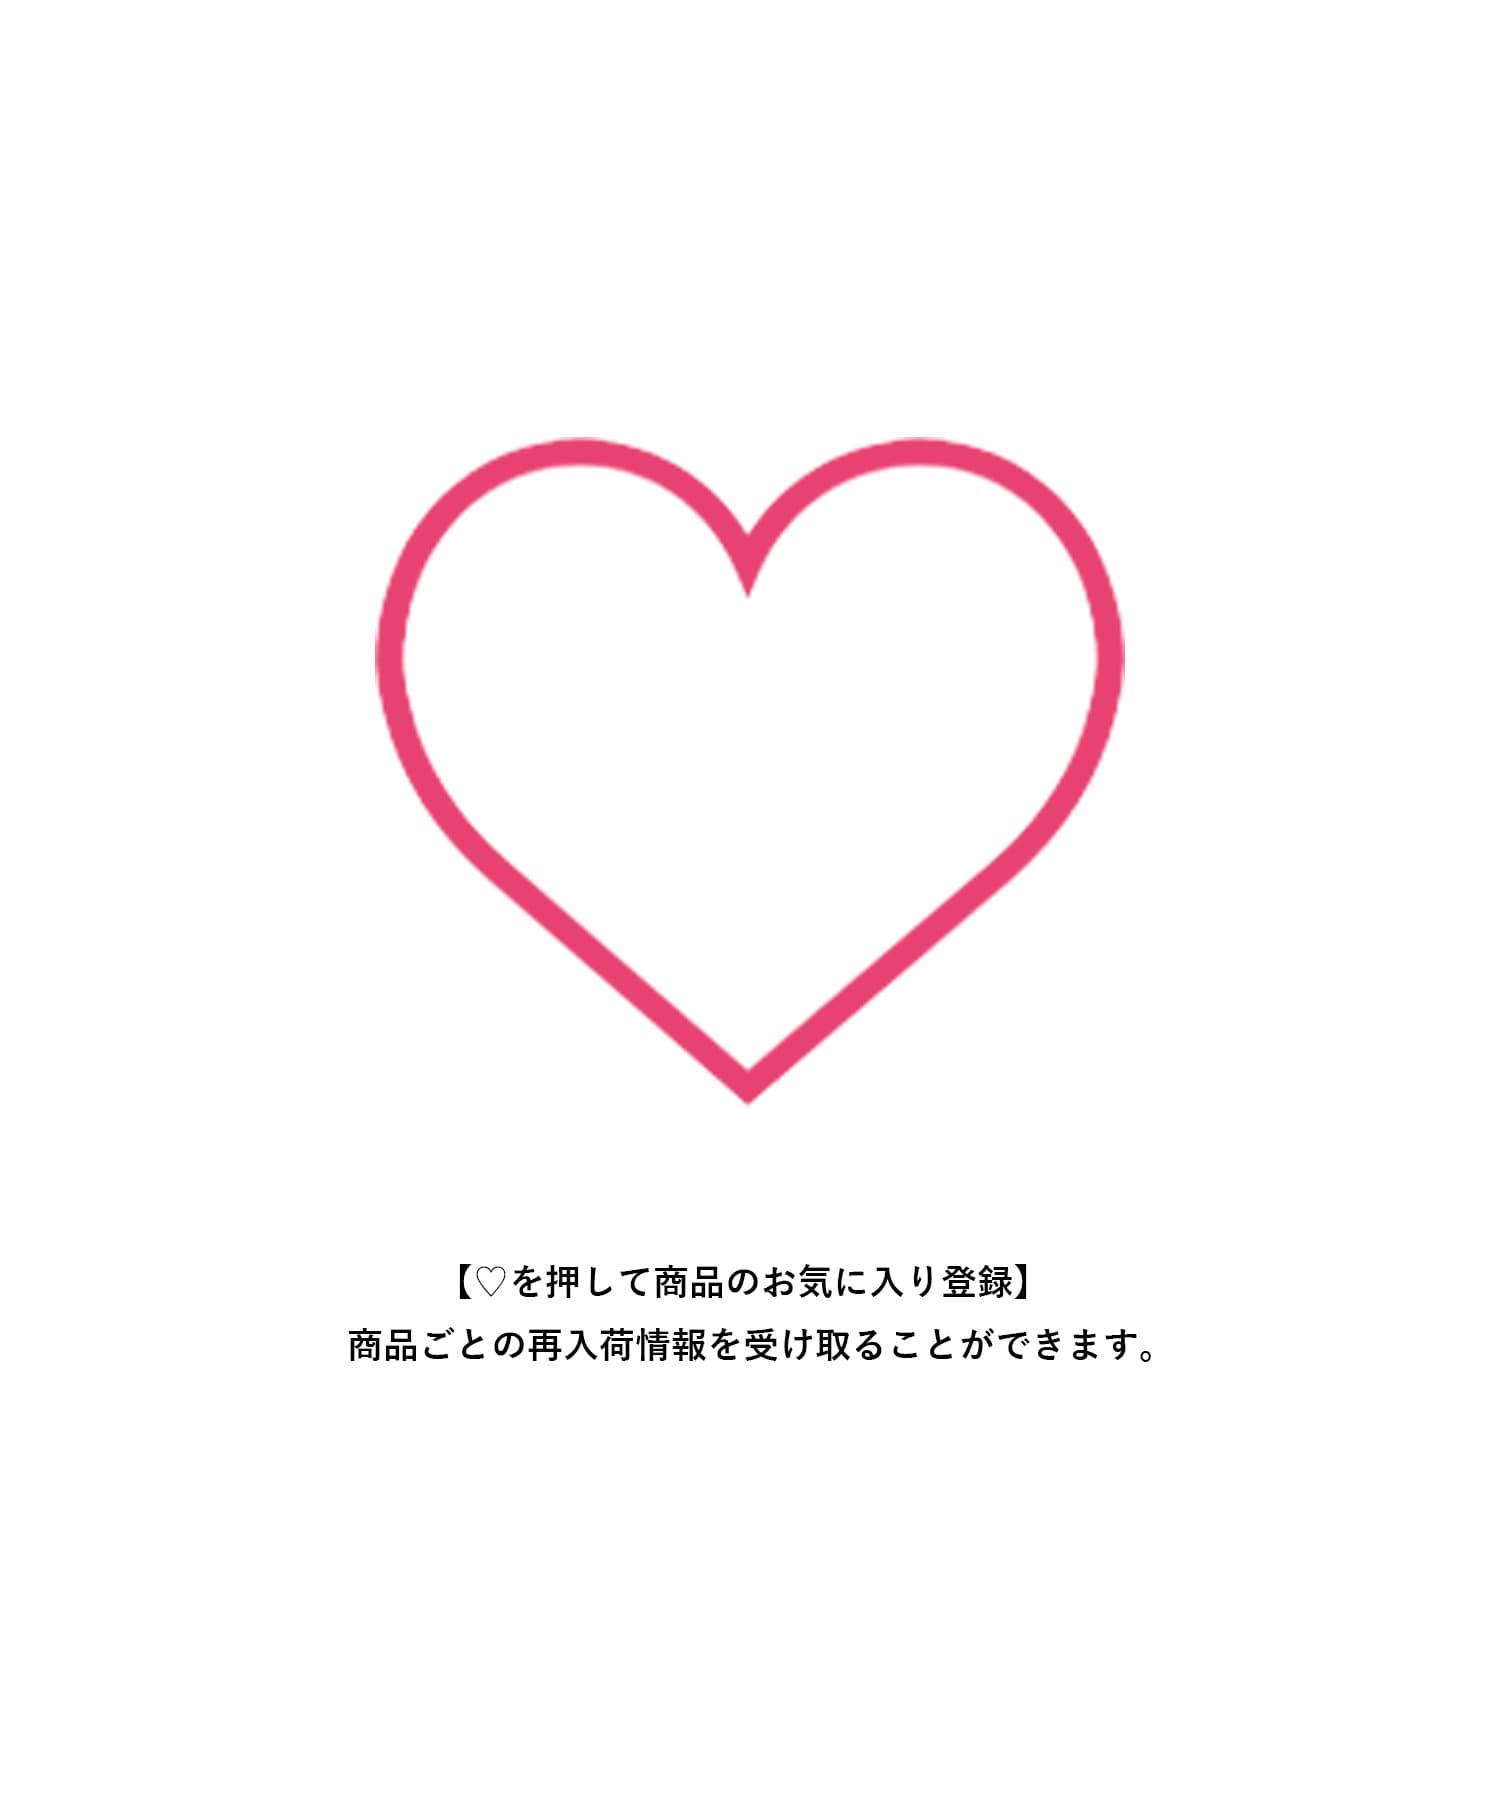 COLLAGE GALLARDAGALANTE(コラージュ ガリャルダガランテ) 【PAPILLONNER】【きらきらの魔法】モチーフリングカフ